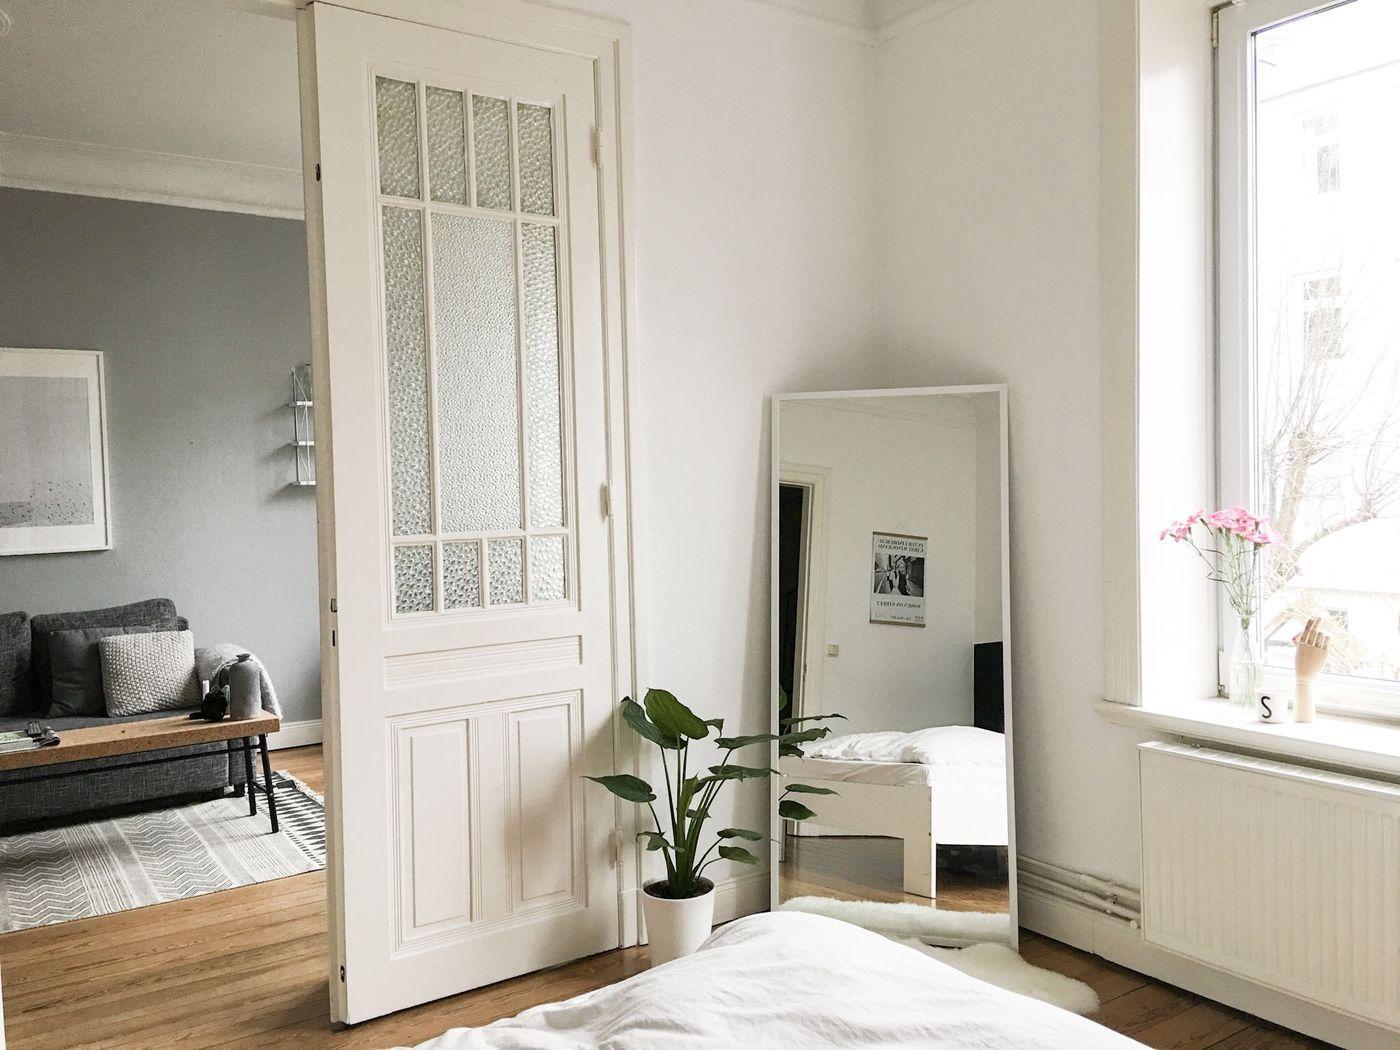 wandfarbe grau im schlafzimmer lattenroste die nicht quietschen biber bettw sche foto. Black Bedroom Furniture Sets. Home Design Ideas